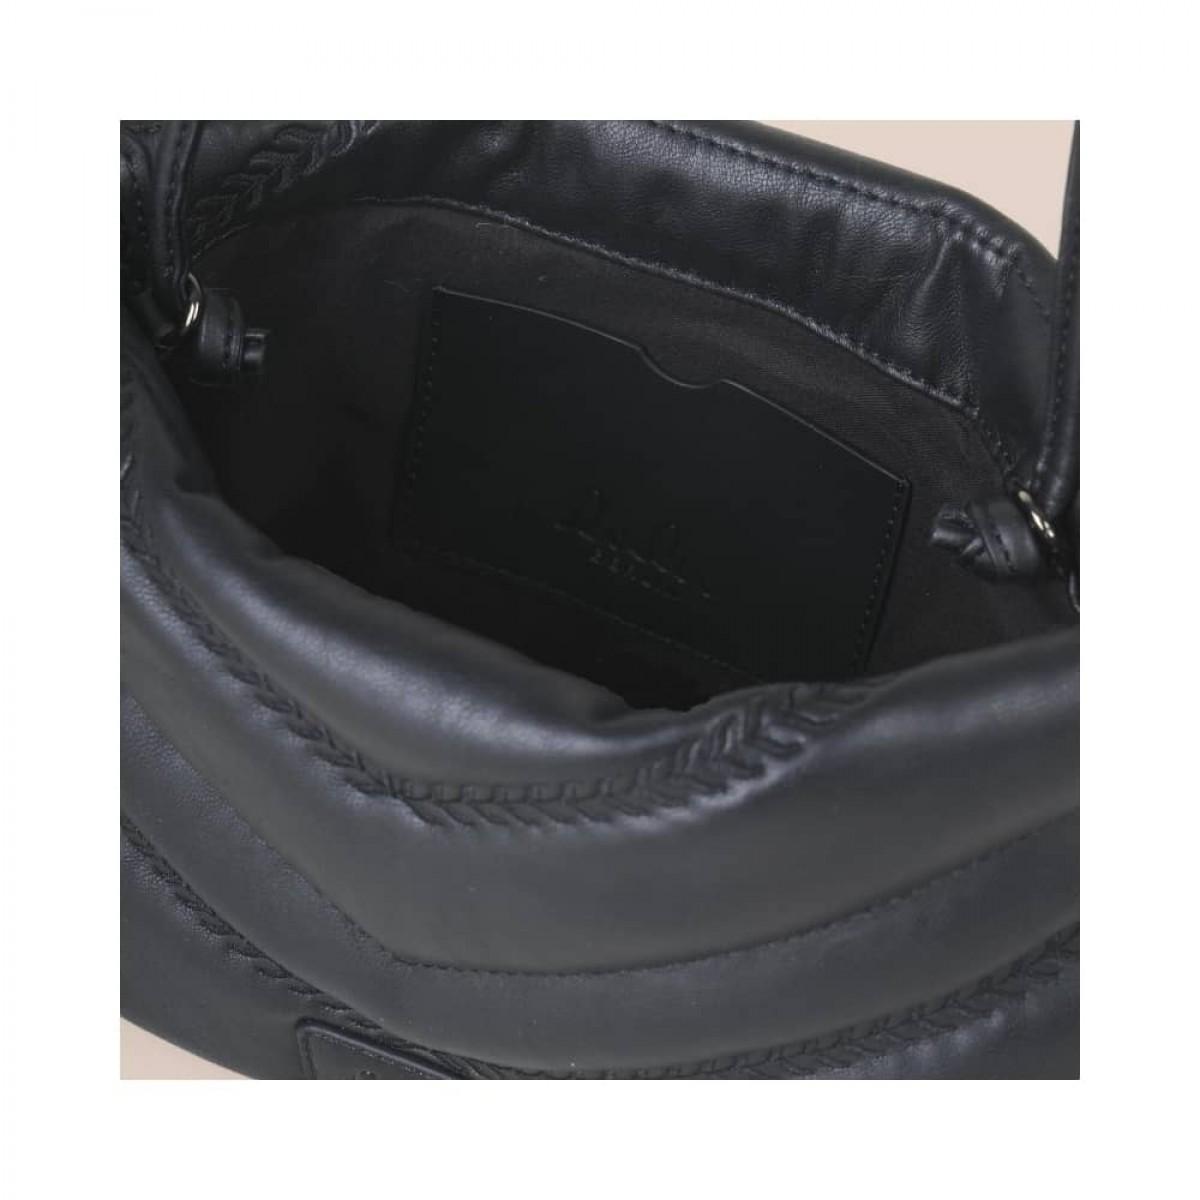 pouch nola - black - lomme